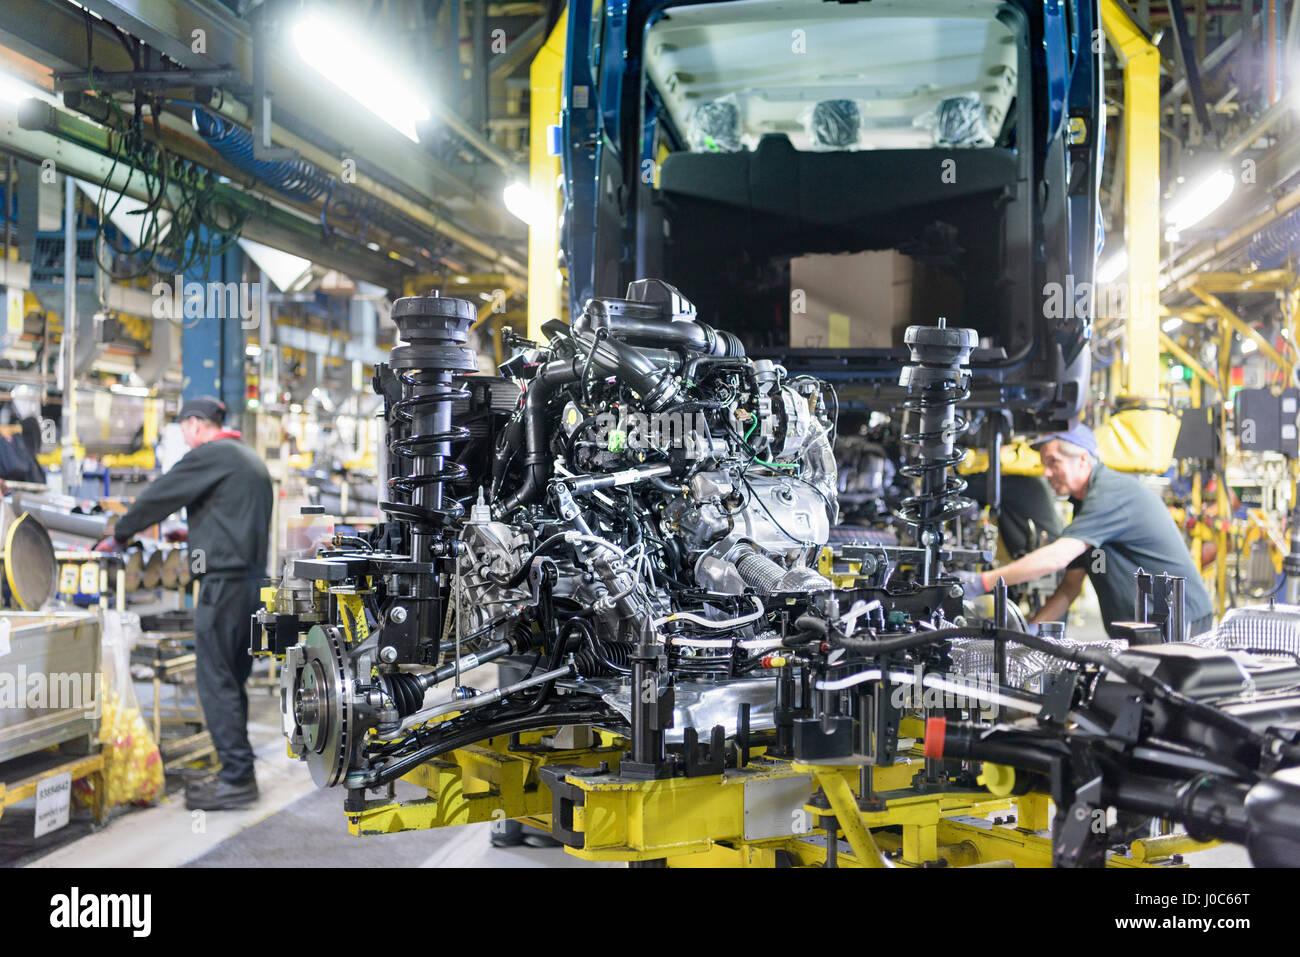 Les travailleurs sur la ligne de production dans l'usine de voiture Photo Stock